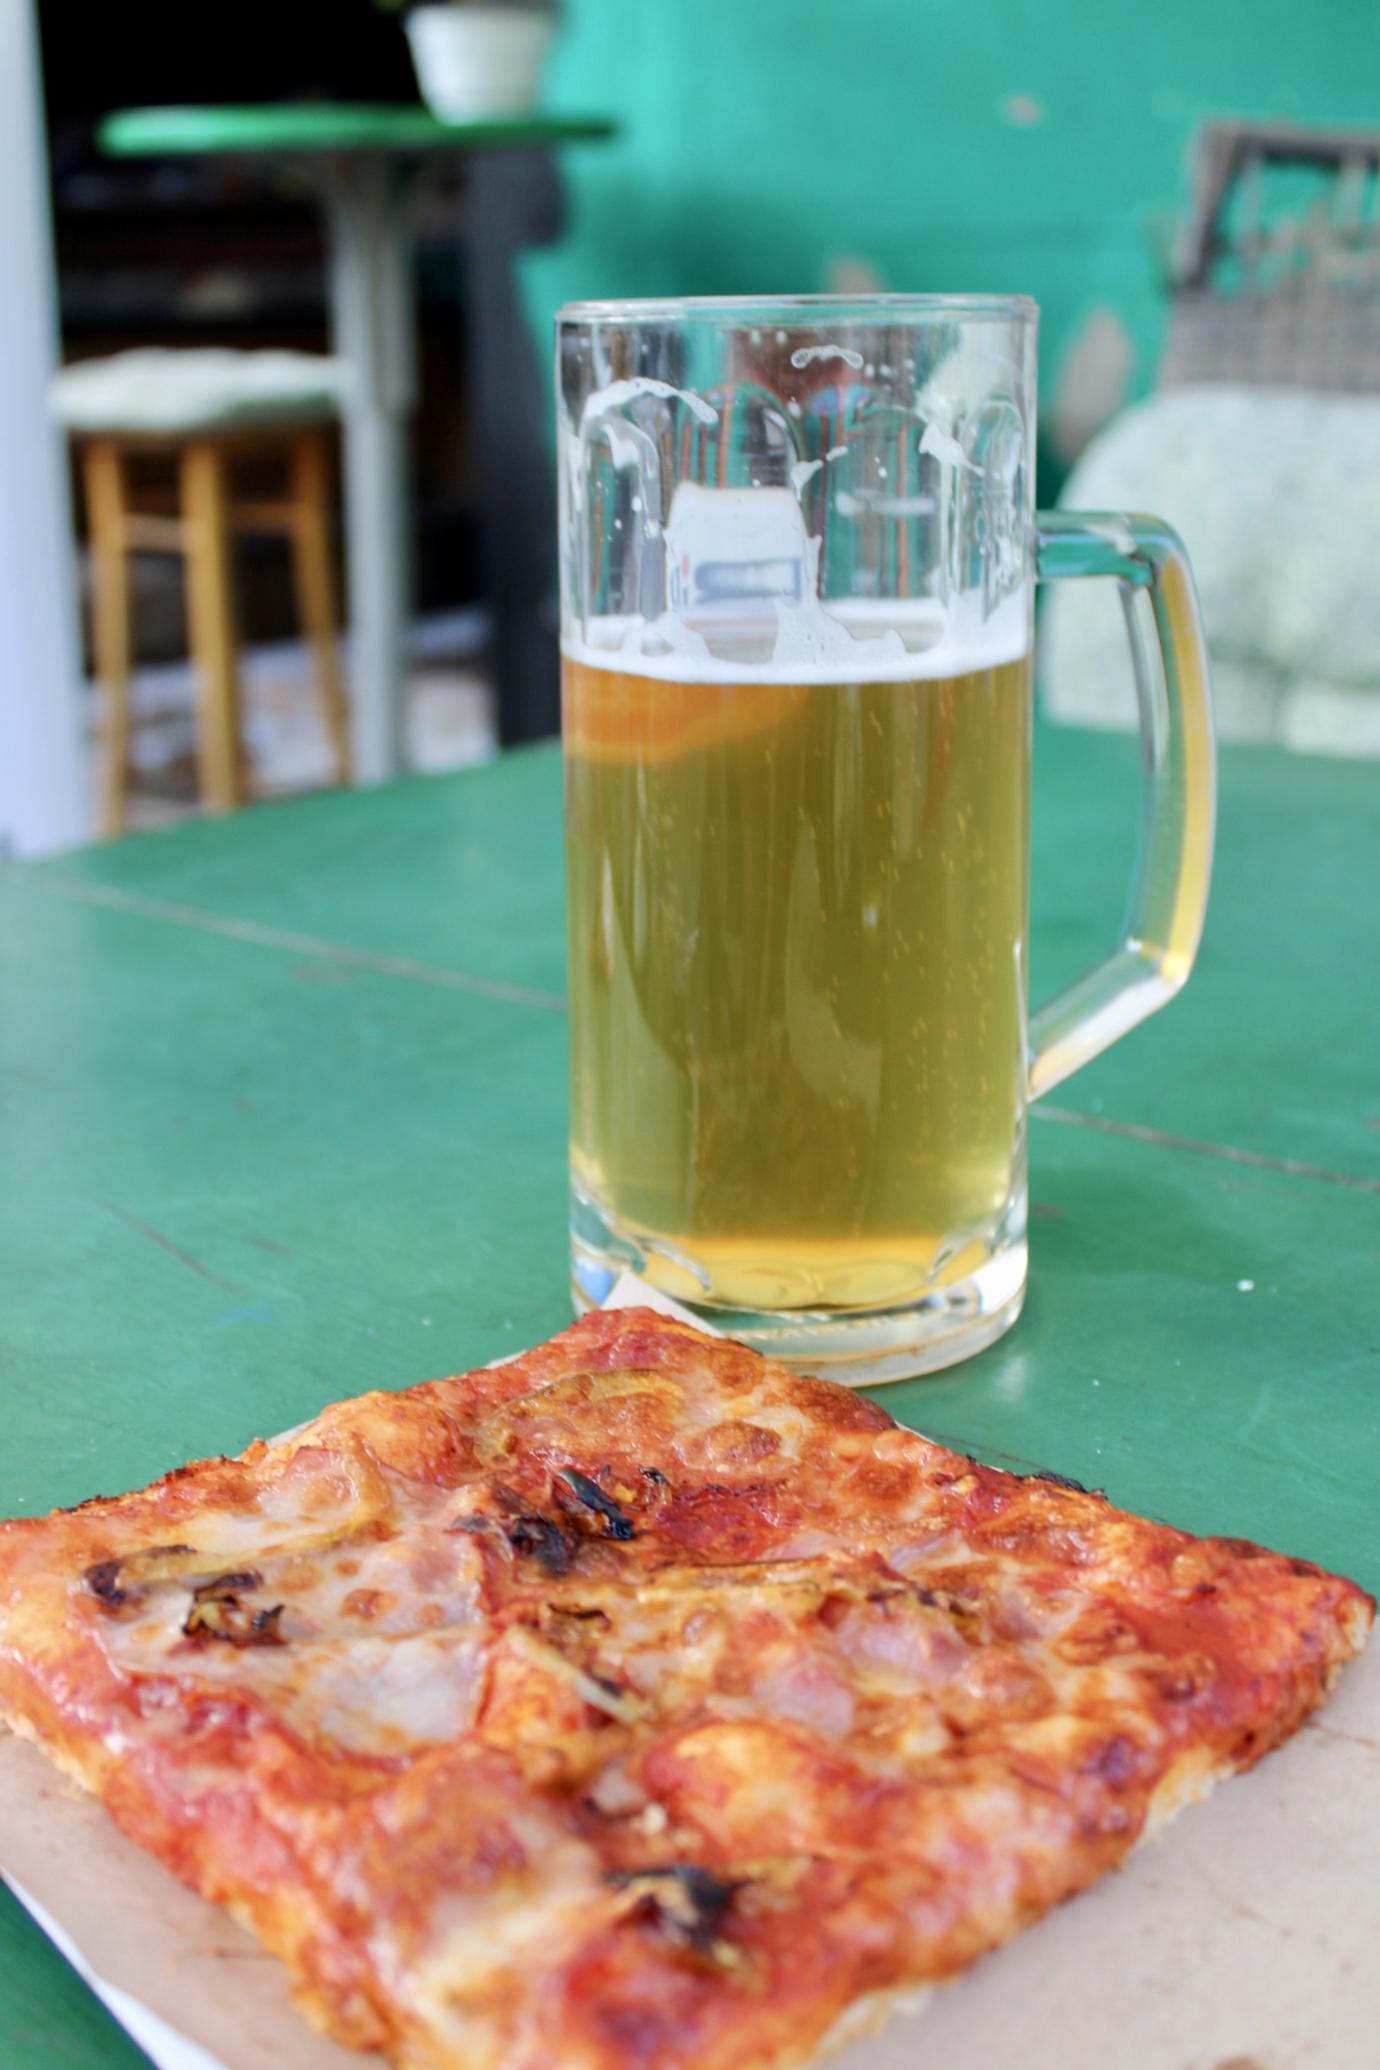 visit belgrade - pizza and beer